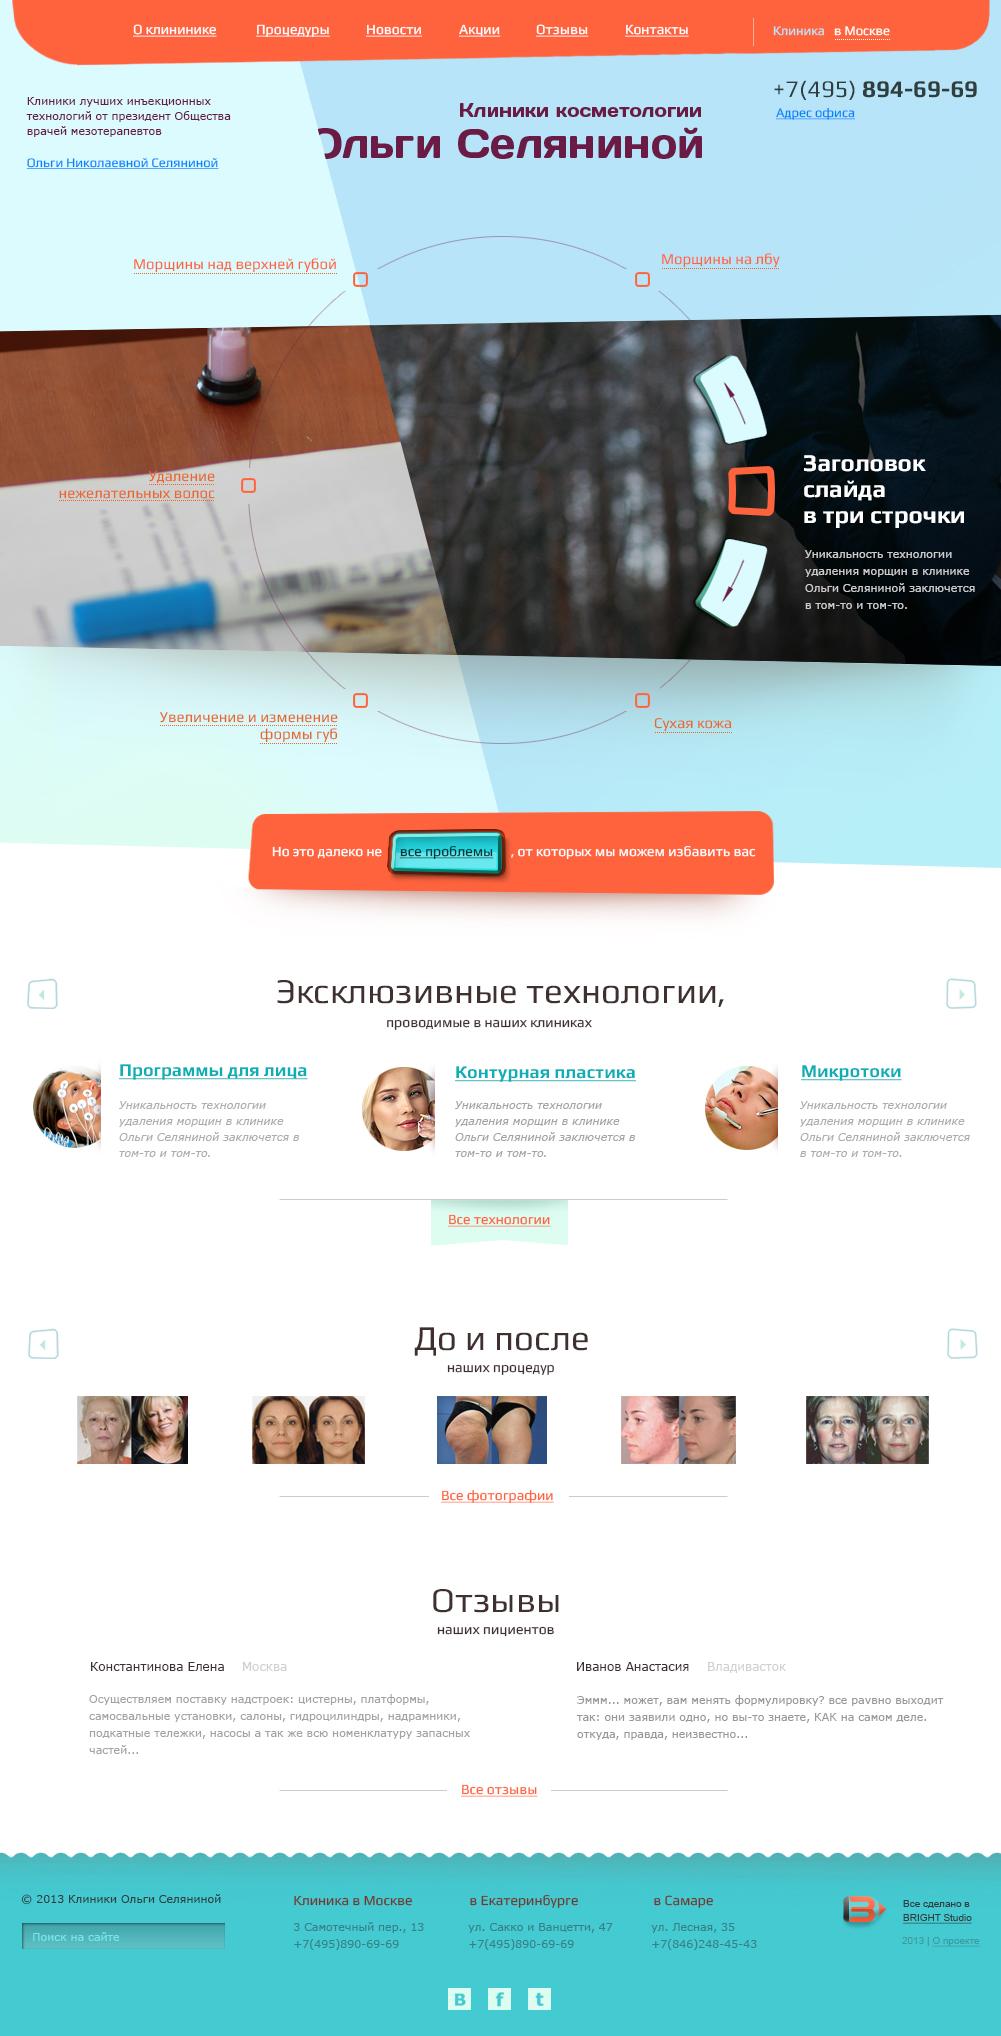 Клиники косметологии Ольги Селяниной